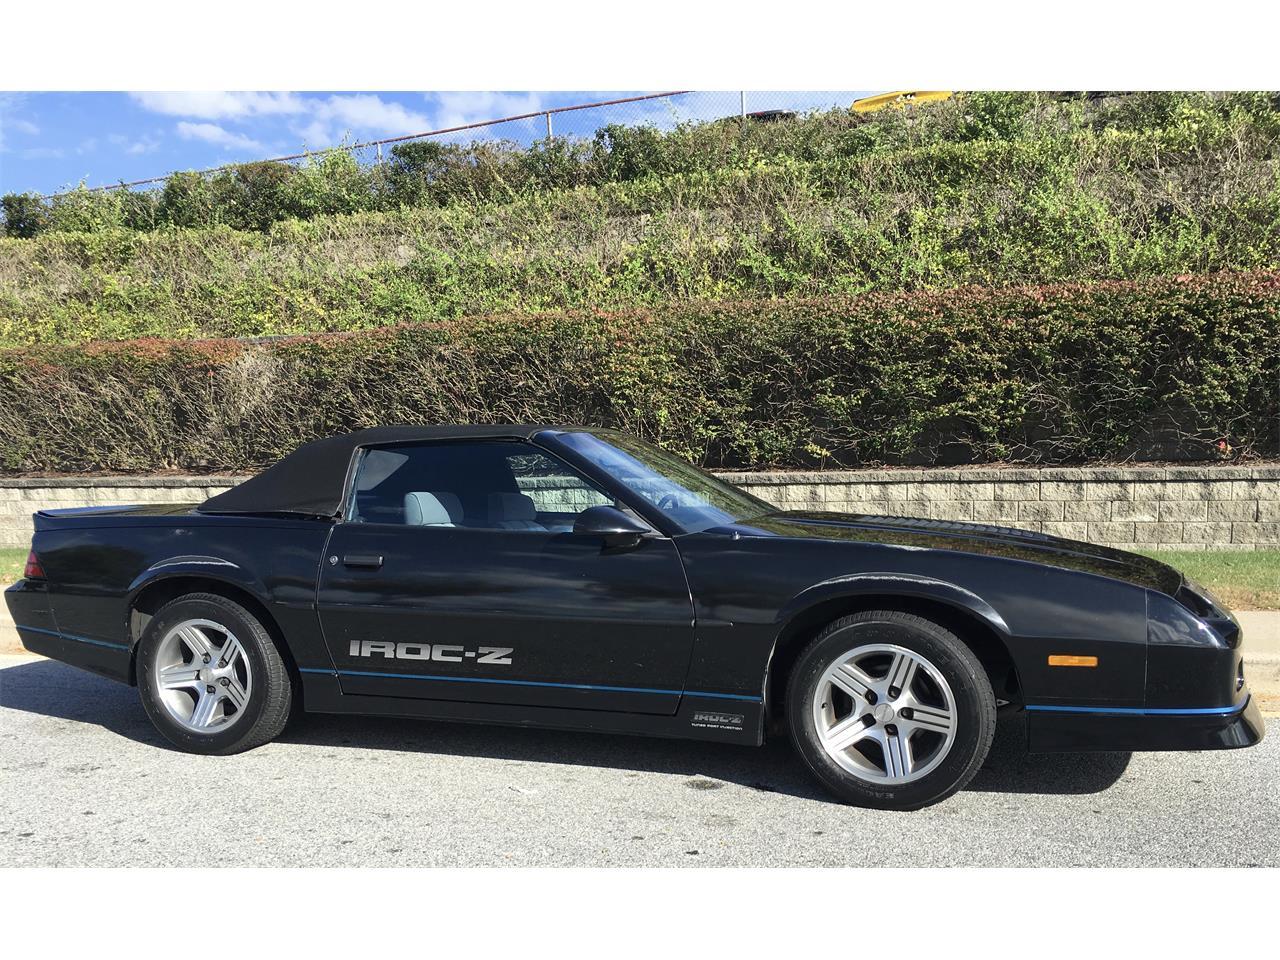 1989 Chevrolet Camaro Iroc Z For Sale Classiccars Com Cc 1019793